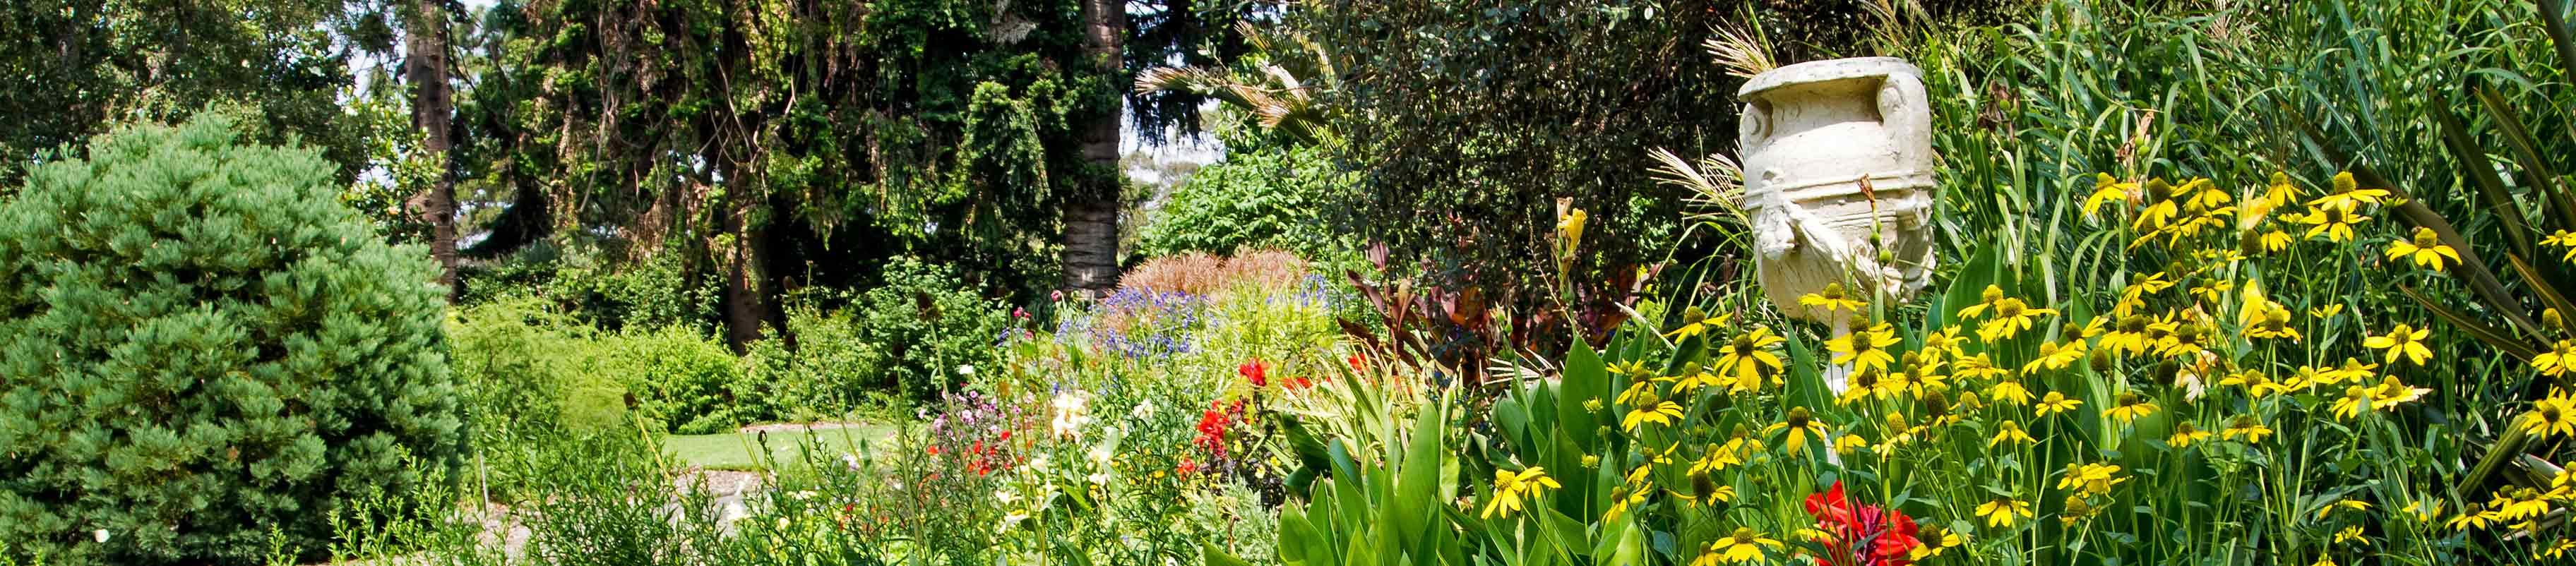 Jubaea Newsletter     Garden Highlights   Friends Geelong Botanic Gardens. Garden Stores Geelong. Home Design Ideas